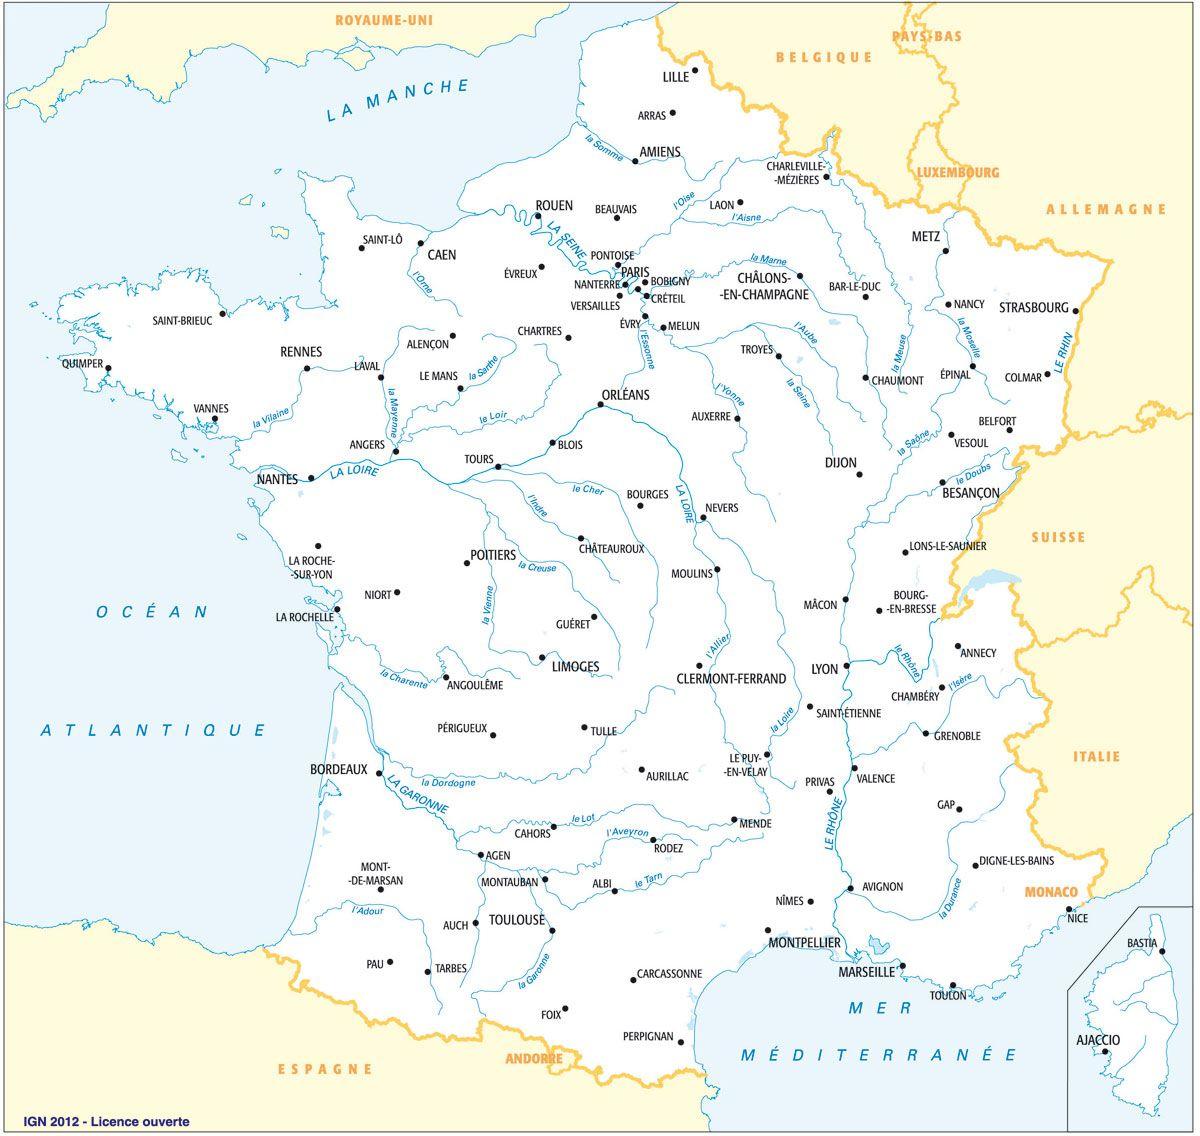 Fleuves Principaux Et Préfectures, Avec Toponymes | Carte De concernant Carte Des Fleuves En France